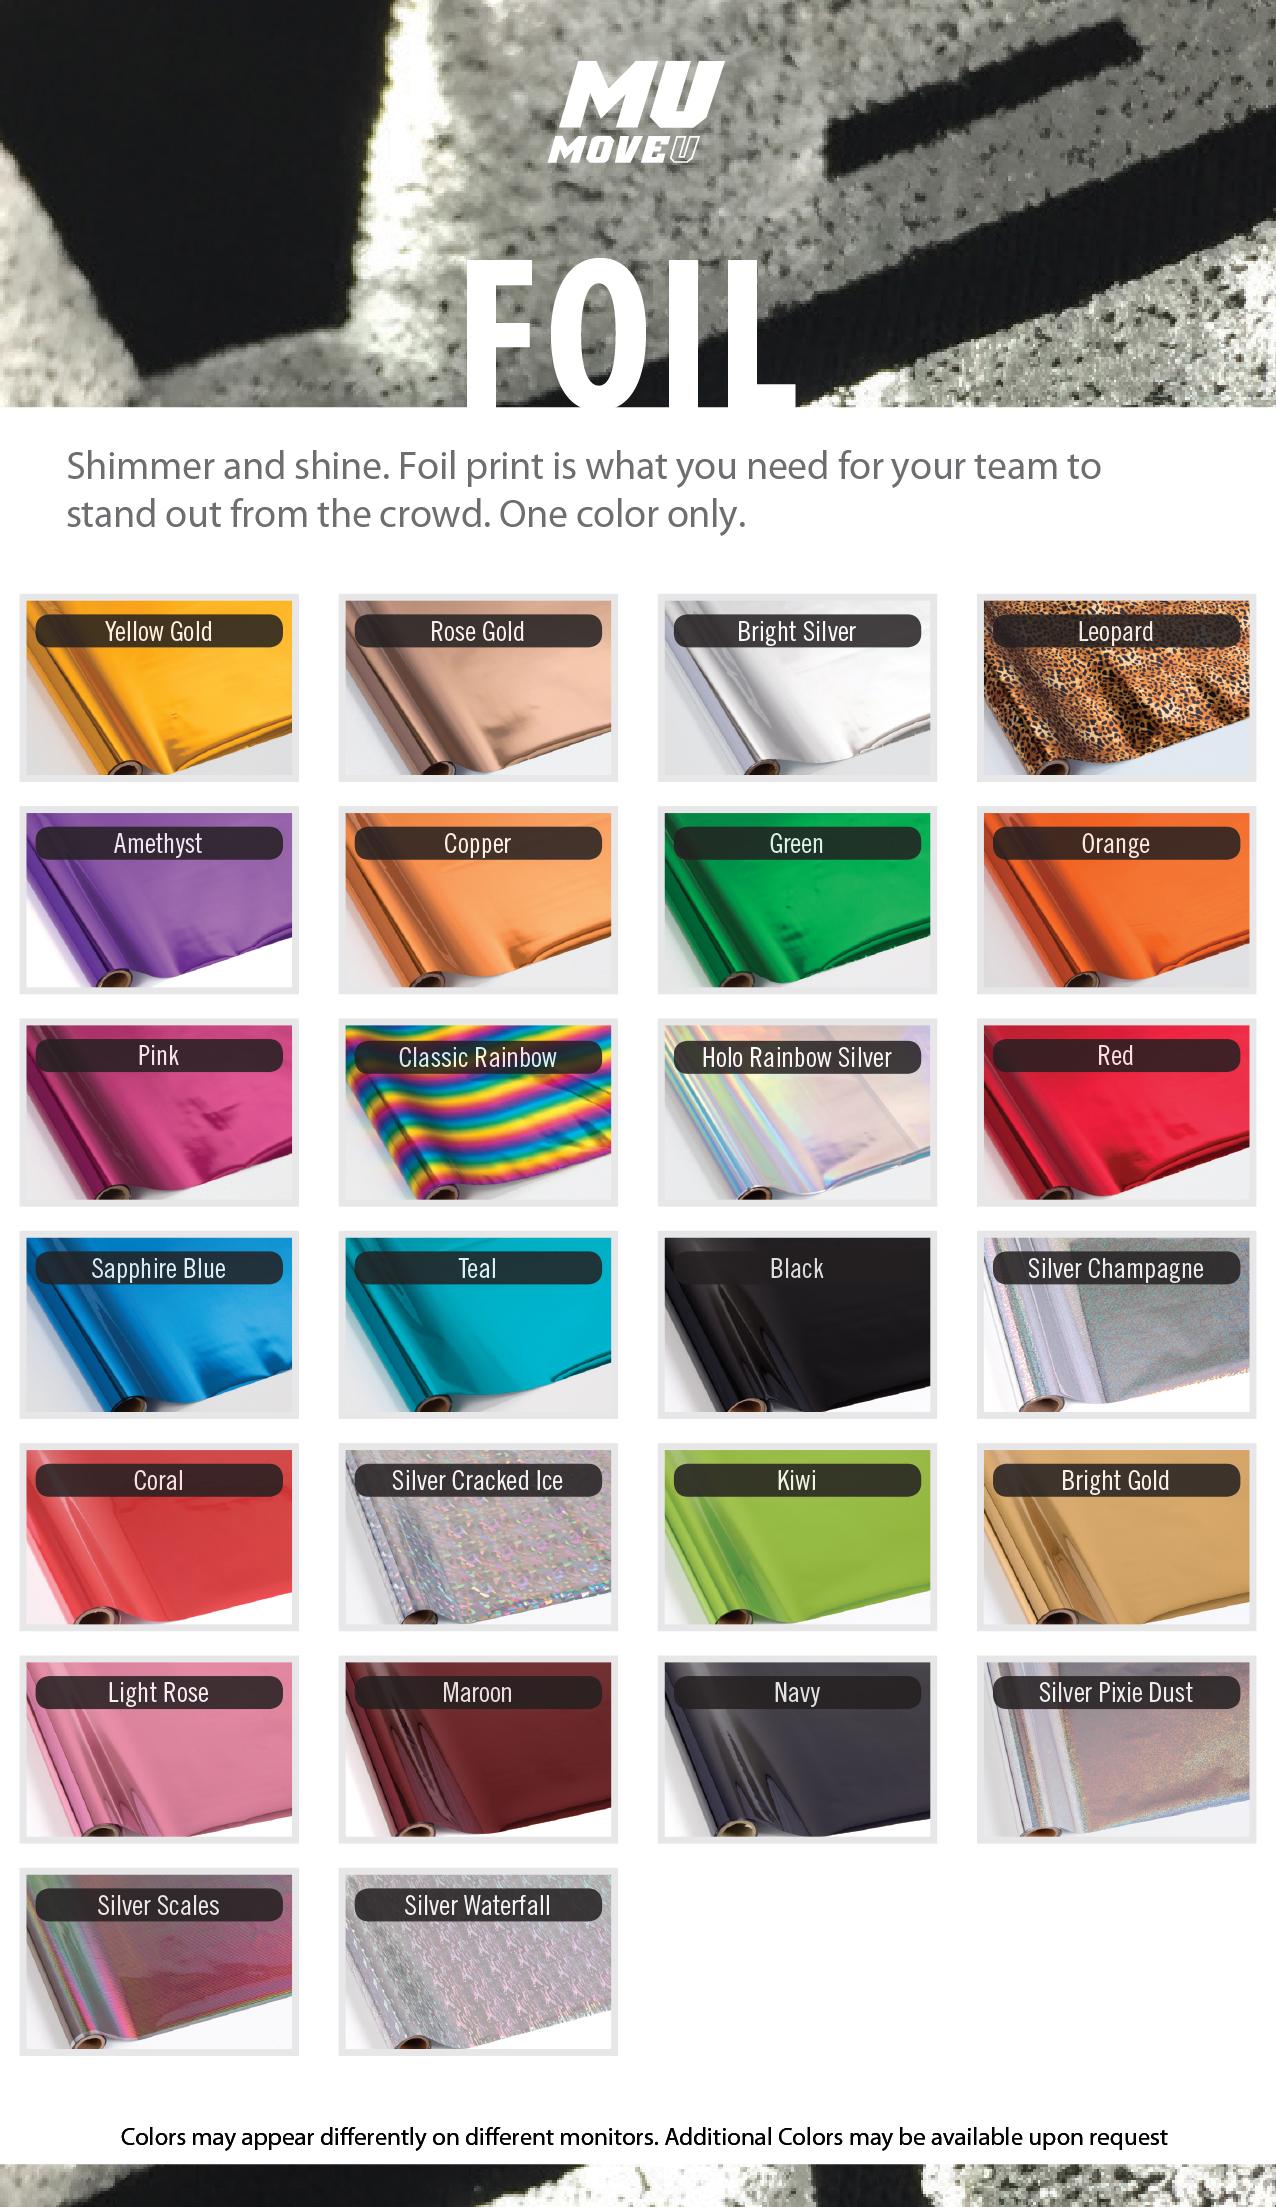 Foil-color-swatches